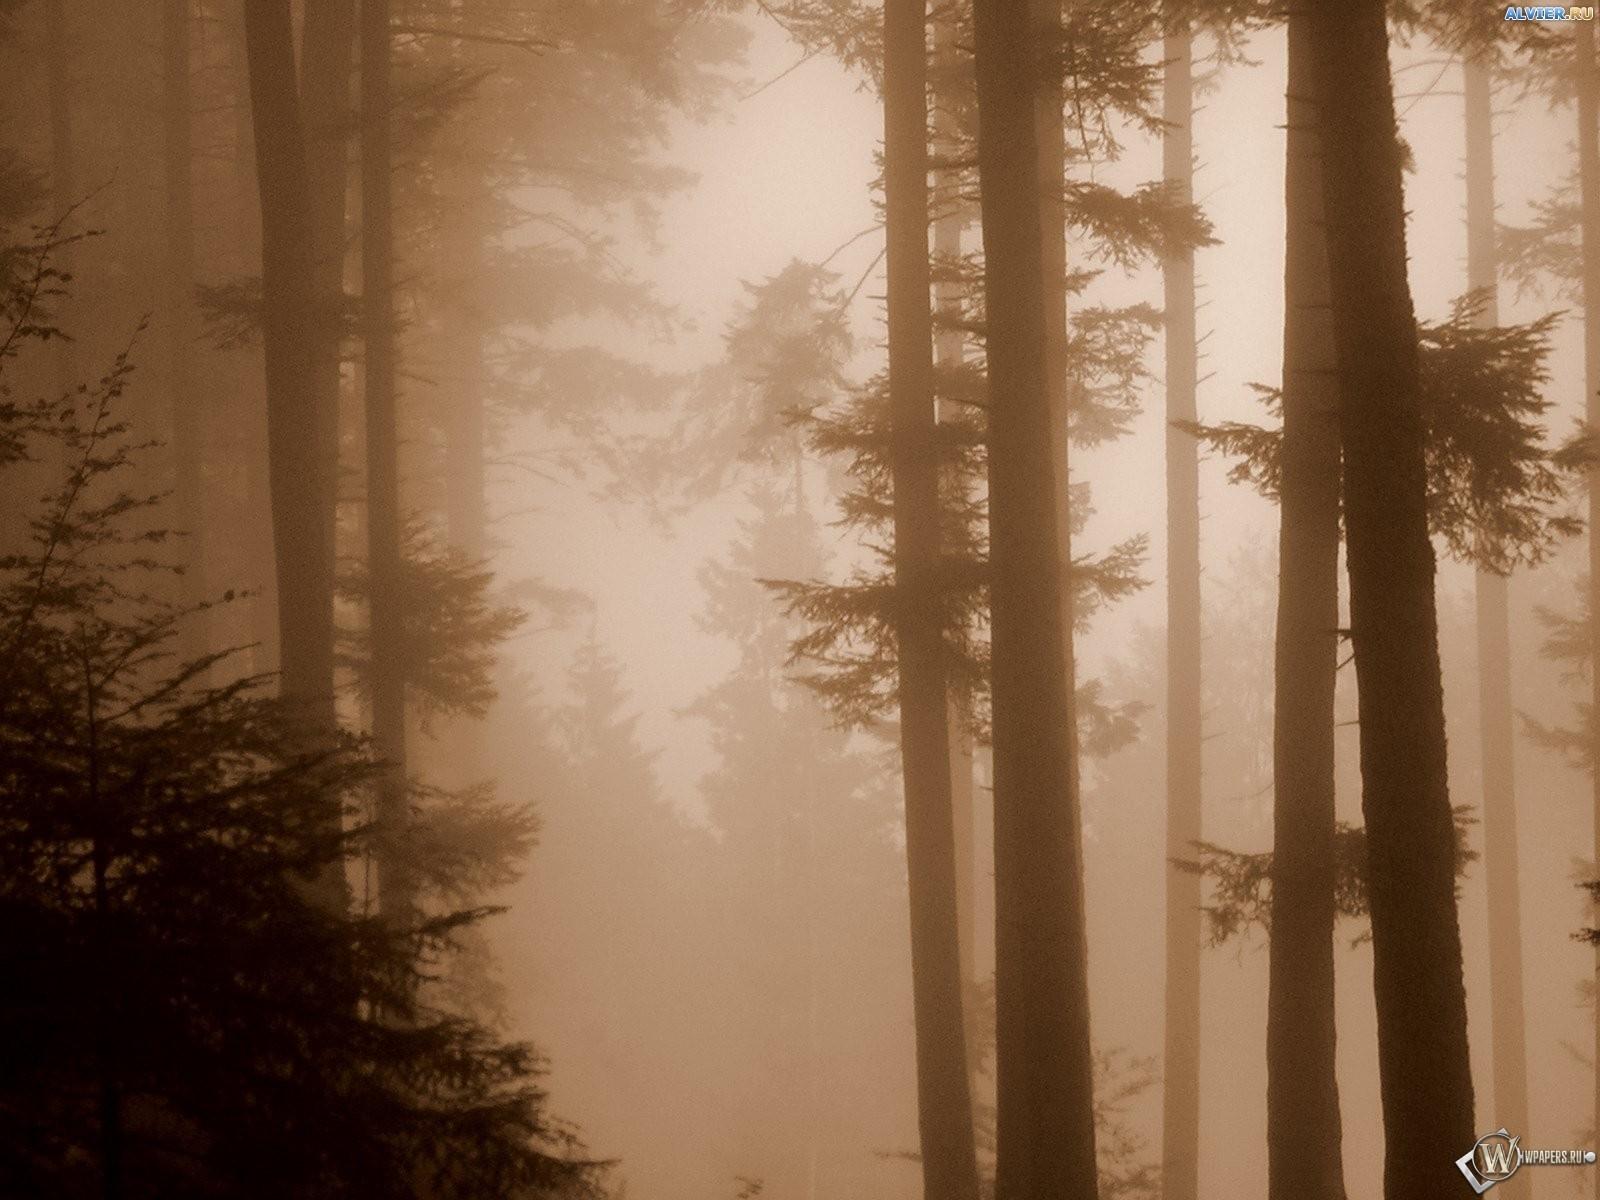 Туман в лесу 1600x1200